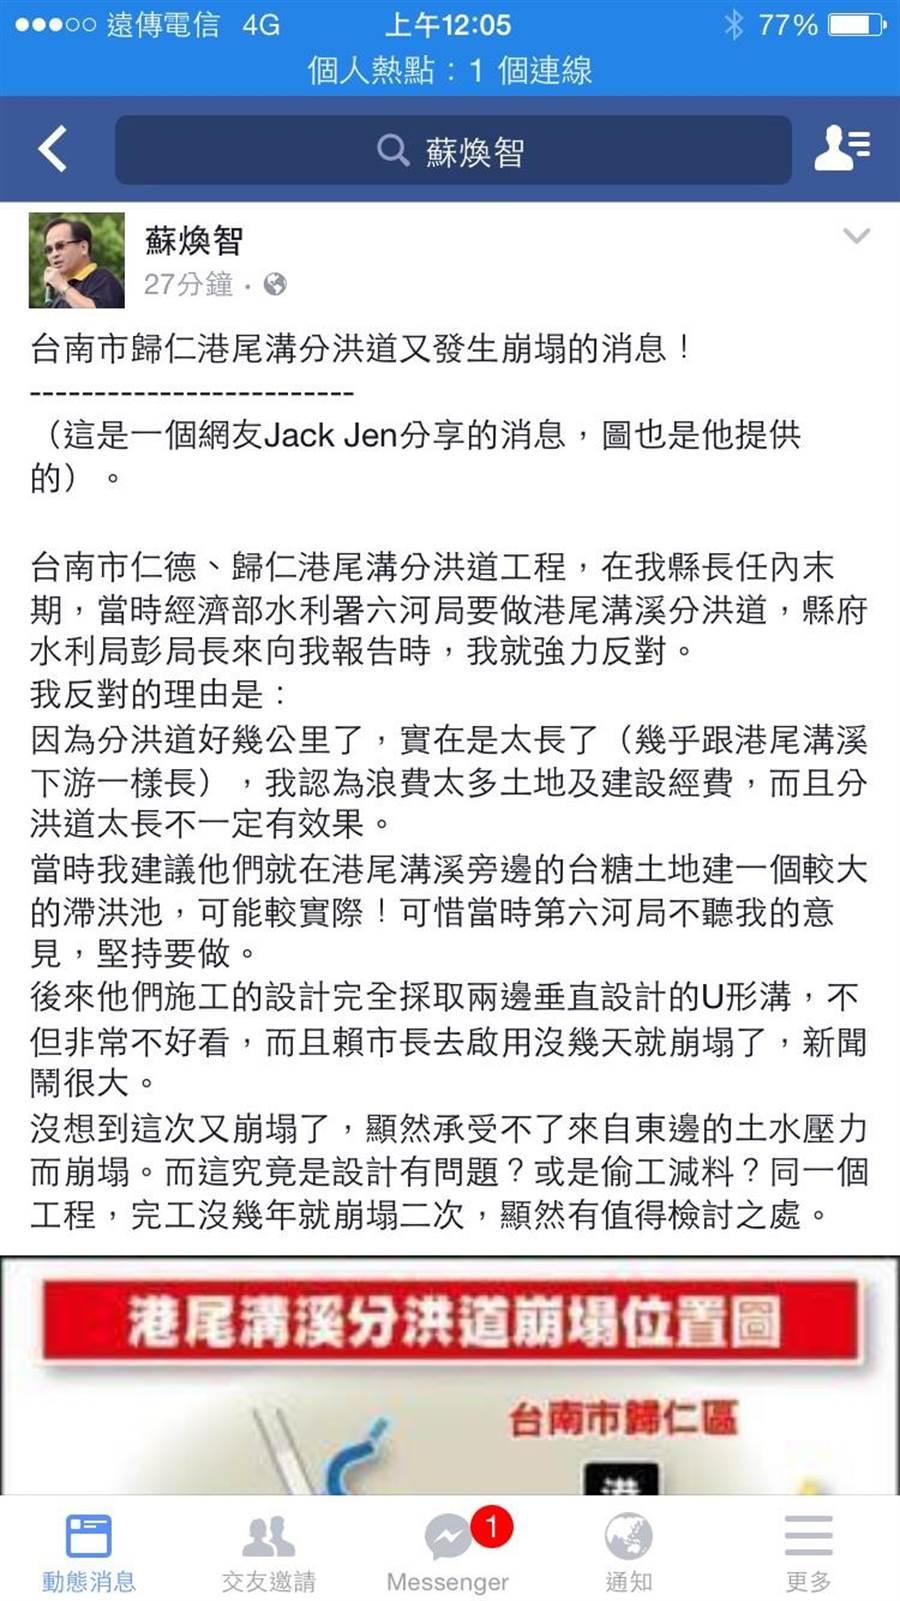 蘇煥智深夜在臉書po文指港尾溝溪分洪道再傳崩塌。(曹婷婷翻攝)